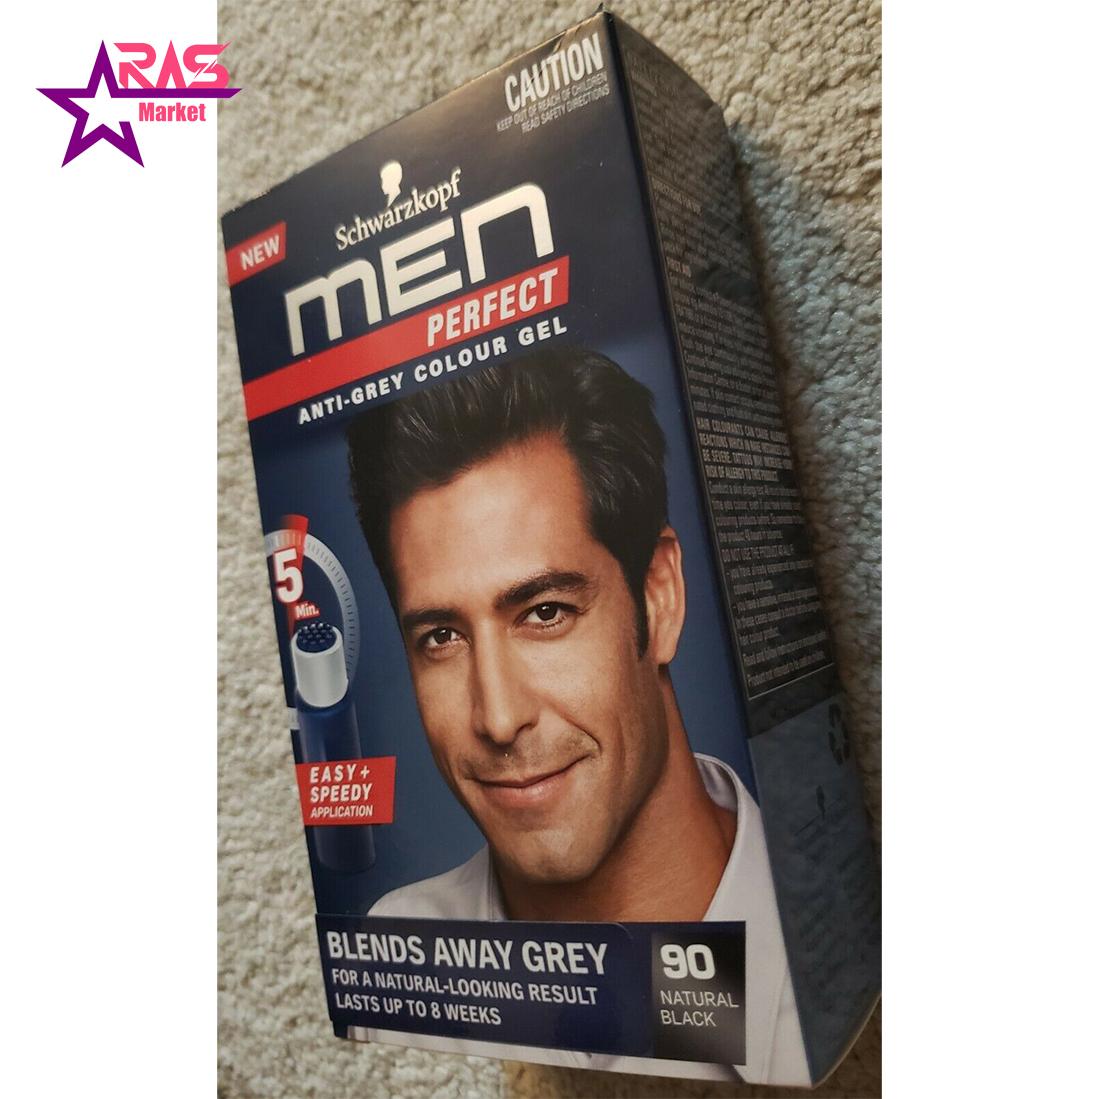 کیت رنگ مو مردانه Men Perfect شماره 90 ، فروشگاه اینترنتی ارس مارکت ، رنگ موی مردانه